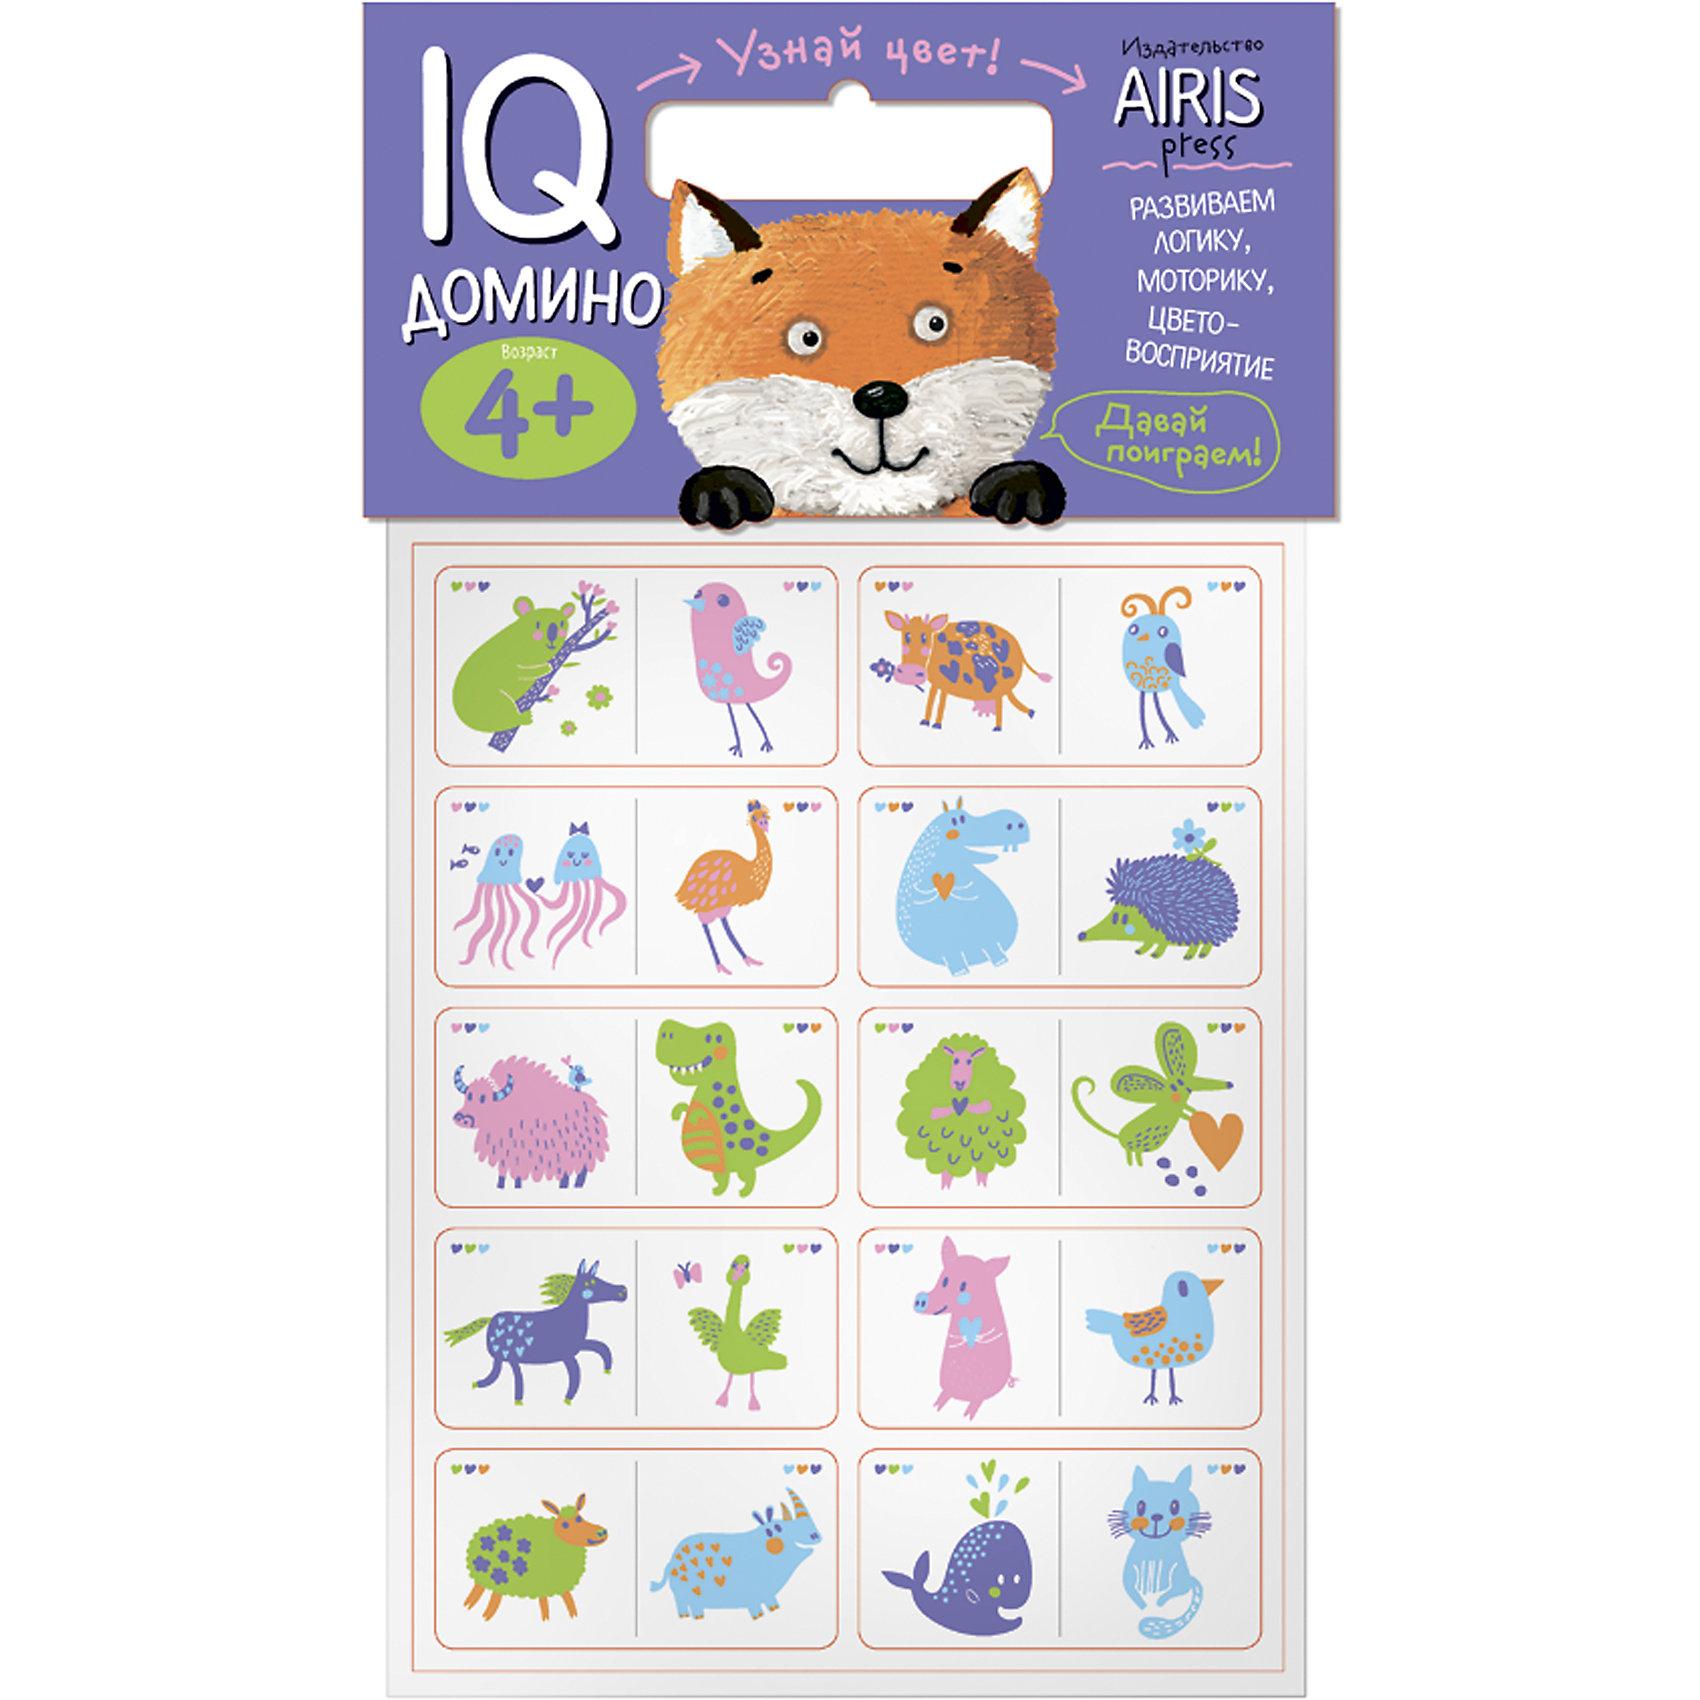 Домино Узнай цветДомино<br>IQ-Домино «Узнай цвет!» – это увлекательная настольная игра для тренировки способности ребёнка к восприятию цвета и цветовых сочетаний, развития воображения, логического мышления и моторики. Набор состоит из 20 объёмных карточек с цветным изображением животных. Карточки сделаны из мягкого, прочного и безопасного материала EVA. Они удобно ложатся в детскую ручку и отлично подходят для настольных познавательных игр.&#13;<br>Цель игры - правильно разместить картинки друг за другом. Ребёнок может играть один или привлечь к игре несколько участников. В этом случае победителем становится тот, кто первым разложит все свои карточки. &#13;<br>На упаковке набора даётся описание, как играть с мягкими карточками-фишками.&#13;<br>Набор предназначен для детей старше 4 лет.<br><br>Ширина мм: 20<br>Глубина мм: 175<br>Высота мм: 225<br>Вес г: 66<br>Возраст от месяцев: 48<br>Возраст до месяцев: 72<br>Пол: Унисекс<br>Возраст: Детский<br>SKU: 6849519